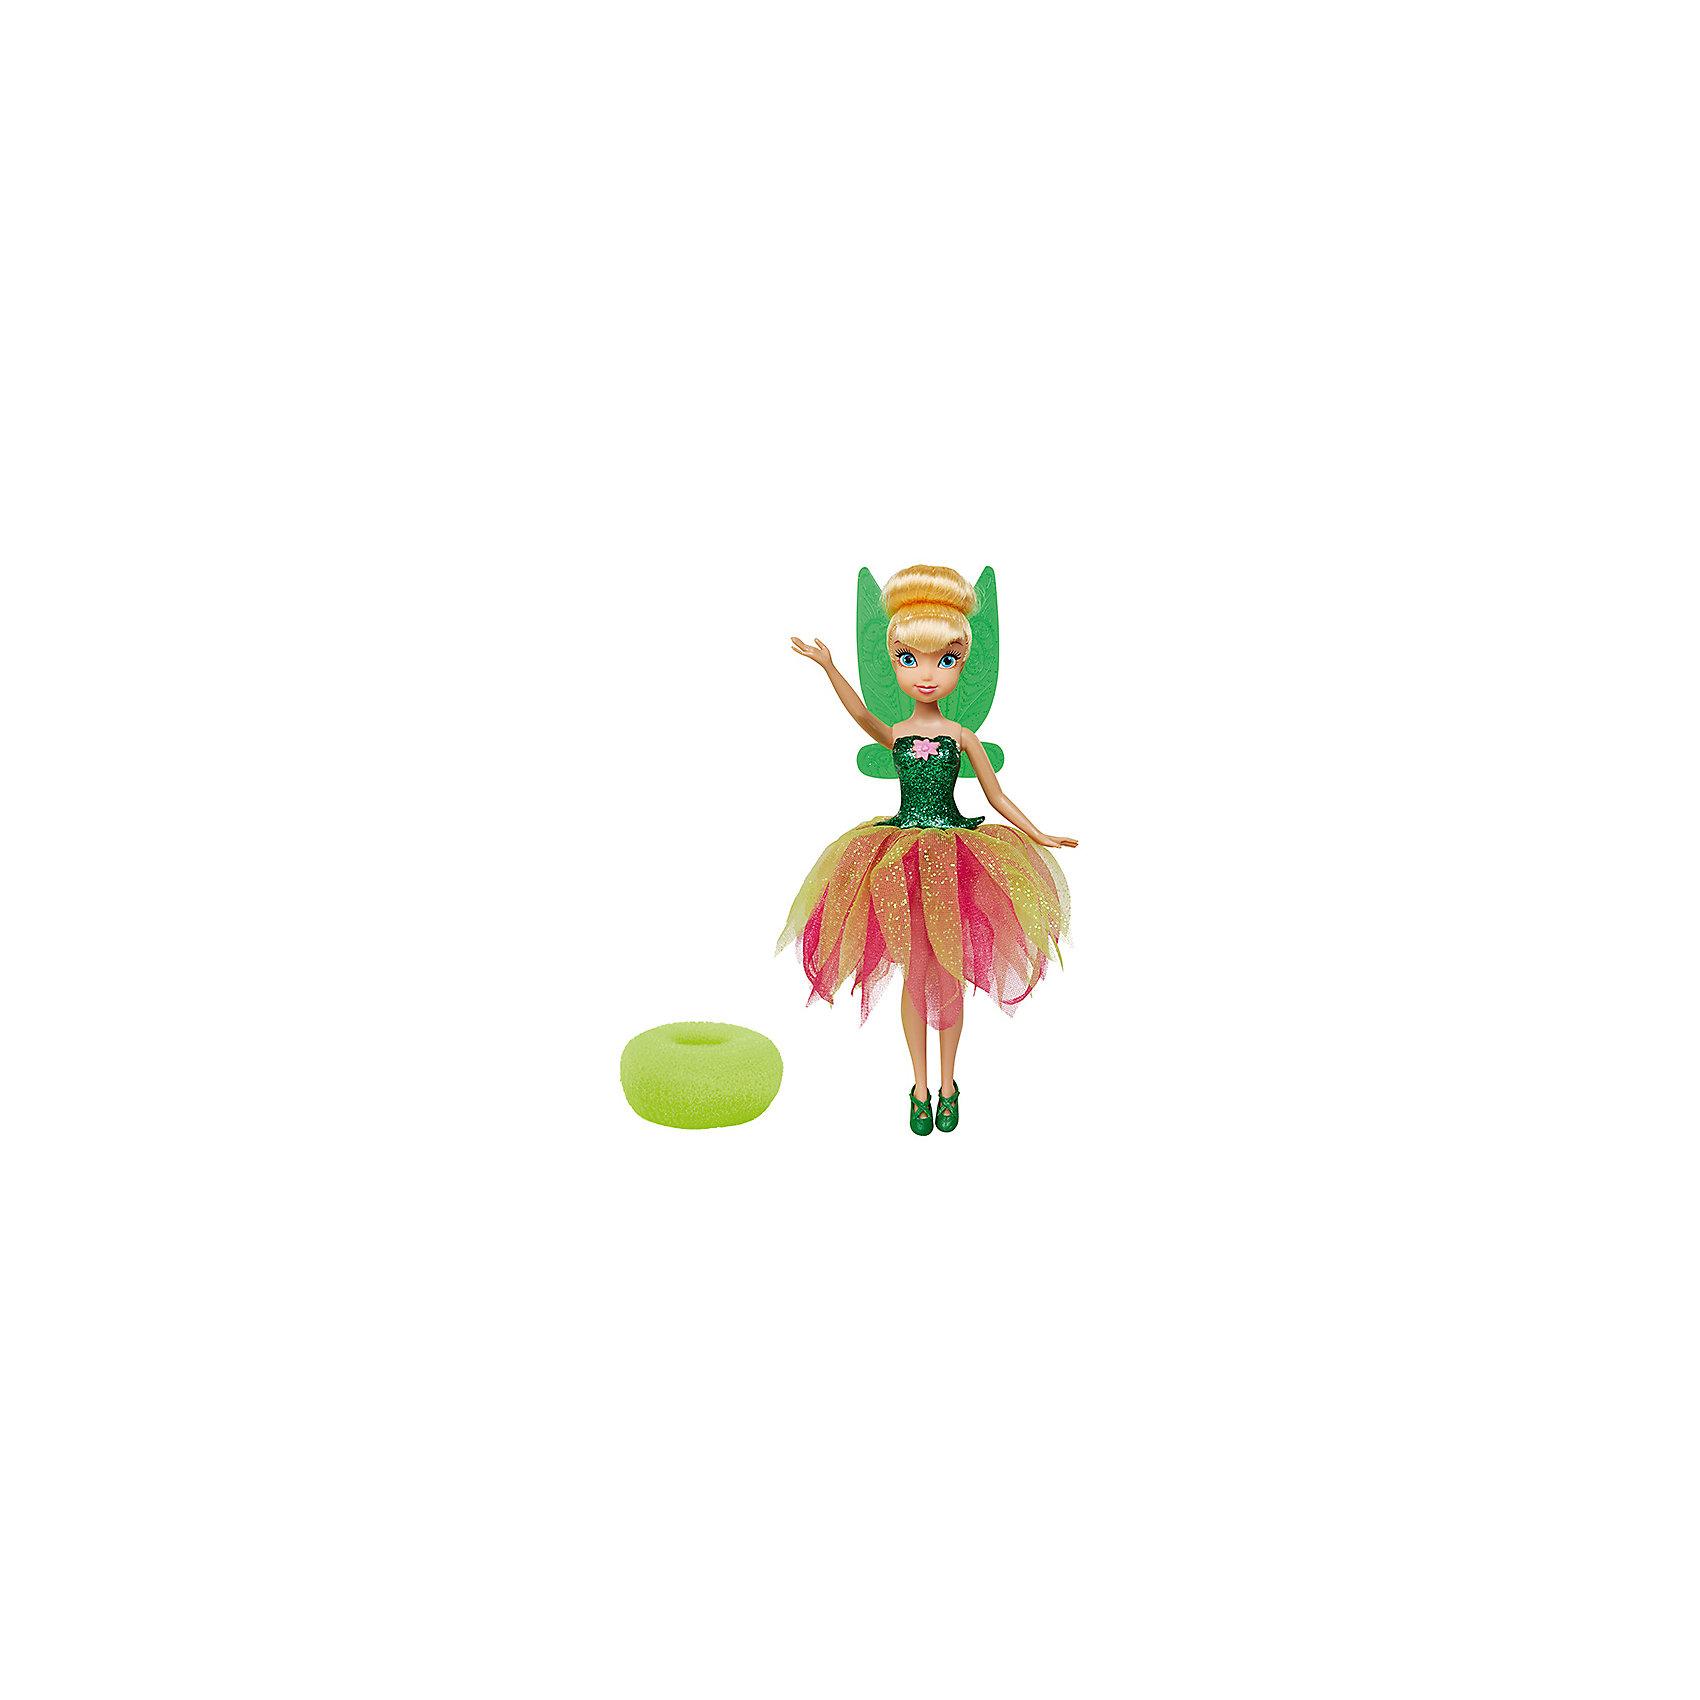 Кукла Фея-Делюкс, 23 см, с резинкой для пучкаКлассические куклы<br>Характеристики товара:<br><br>- цвет: разноцветный;<br>- материал: пластик, текстиль;<br>- особенности: с резинкой для пучка;<br>- размер упаковки: 6 х 33 х 20 см;<br>- размер куклы: 23 см.<br><br>Такие красивые куклы не оставят ребенка равнодушным! Какая девочка откажется поиграть с куклой в виде любимой героини - феи из мультфильма?! Игрушка отлично детализирована, очень качественно выполнена, поэтому она станет отличным подарком ребенку. В наборе идет платье, которое преврашается в резинку для волос, которую можно полноценно использовать!<br>Изделие произведено из высококачественного материала, безопасного для детей.<br><br>Куклу Фея-Делюкс, 23 см, с резинкой для пучка можно купить в нашем интернет-магазине.<br><br>Ширина мм: 210<br>Глубина мм: 330<br>Высота мм: 70<br>Вес г: 368<br>Возраст от месяцев: 36<br>Возраст до месяцев: 2147483647<br>Пол: Женский<br>Возраст: Детский<br>SKU: 5051997